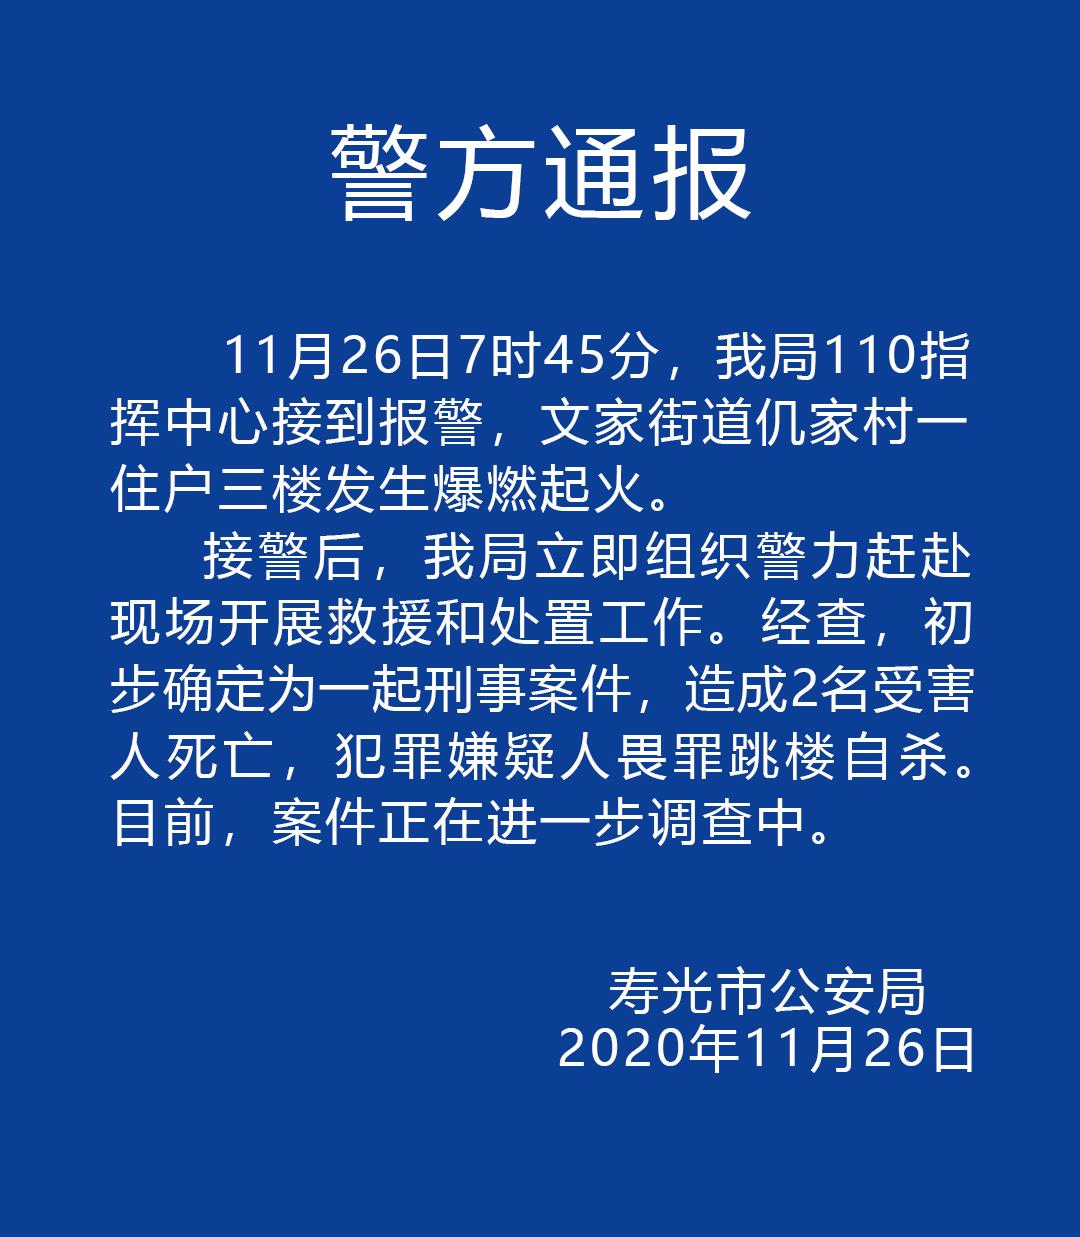 静宁县人民政府网_合肥801路公交车_快猫网址培训学院